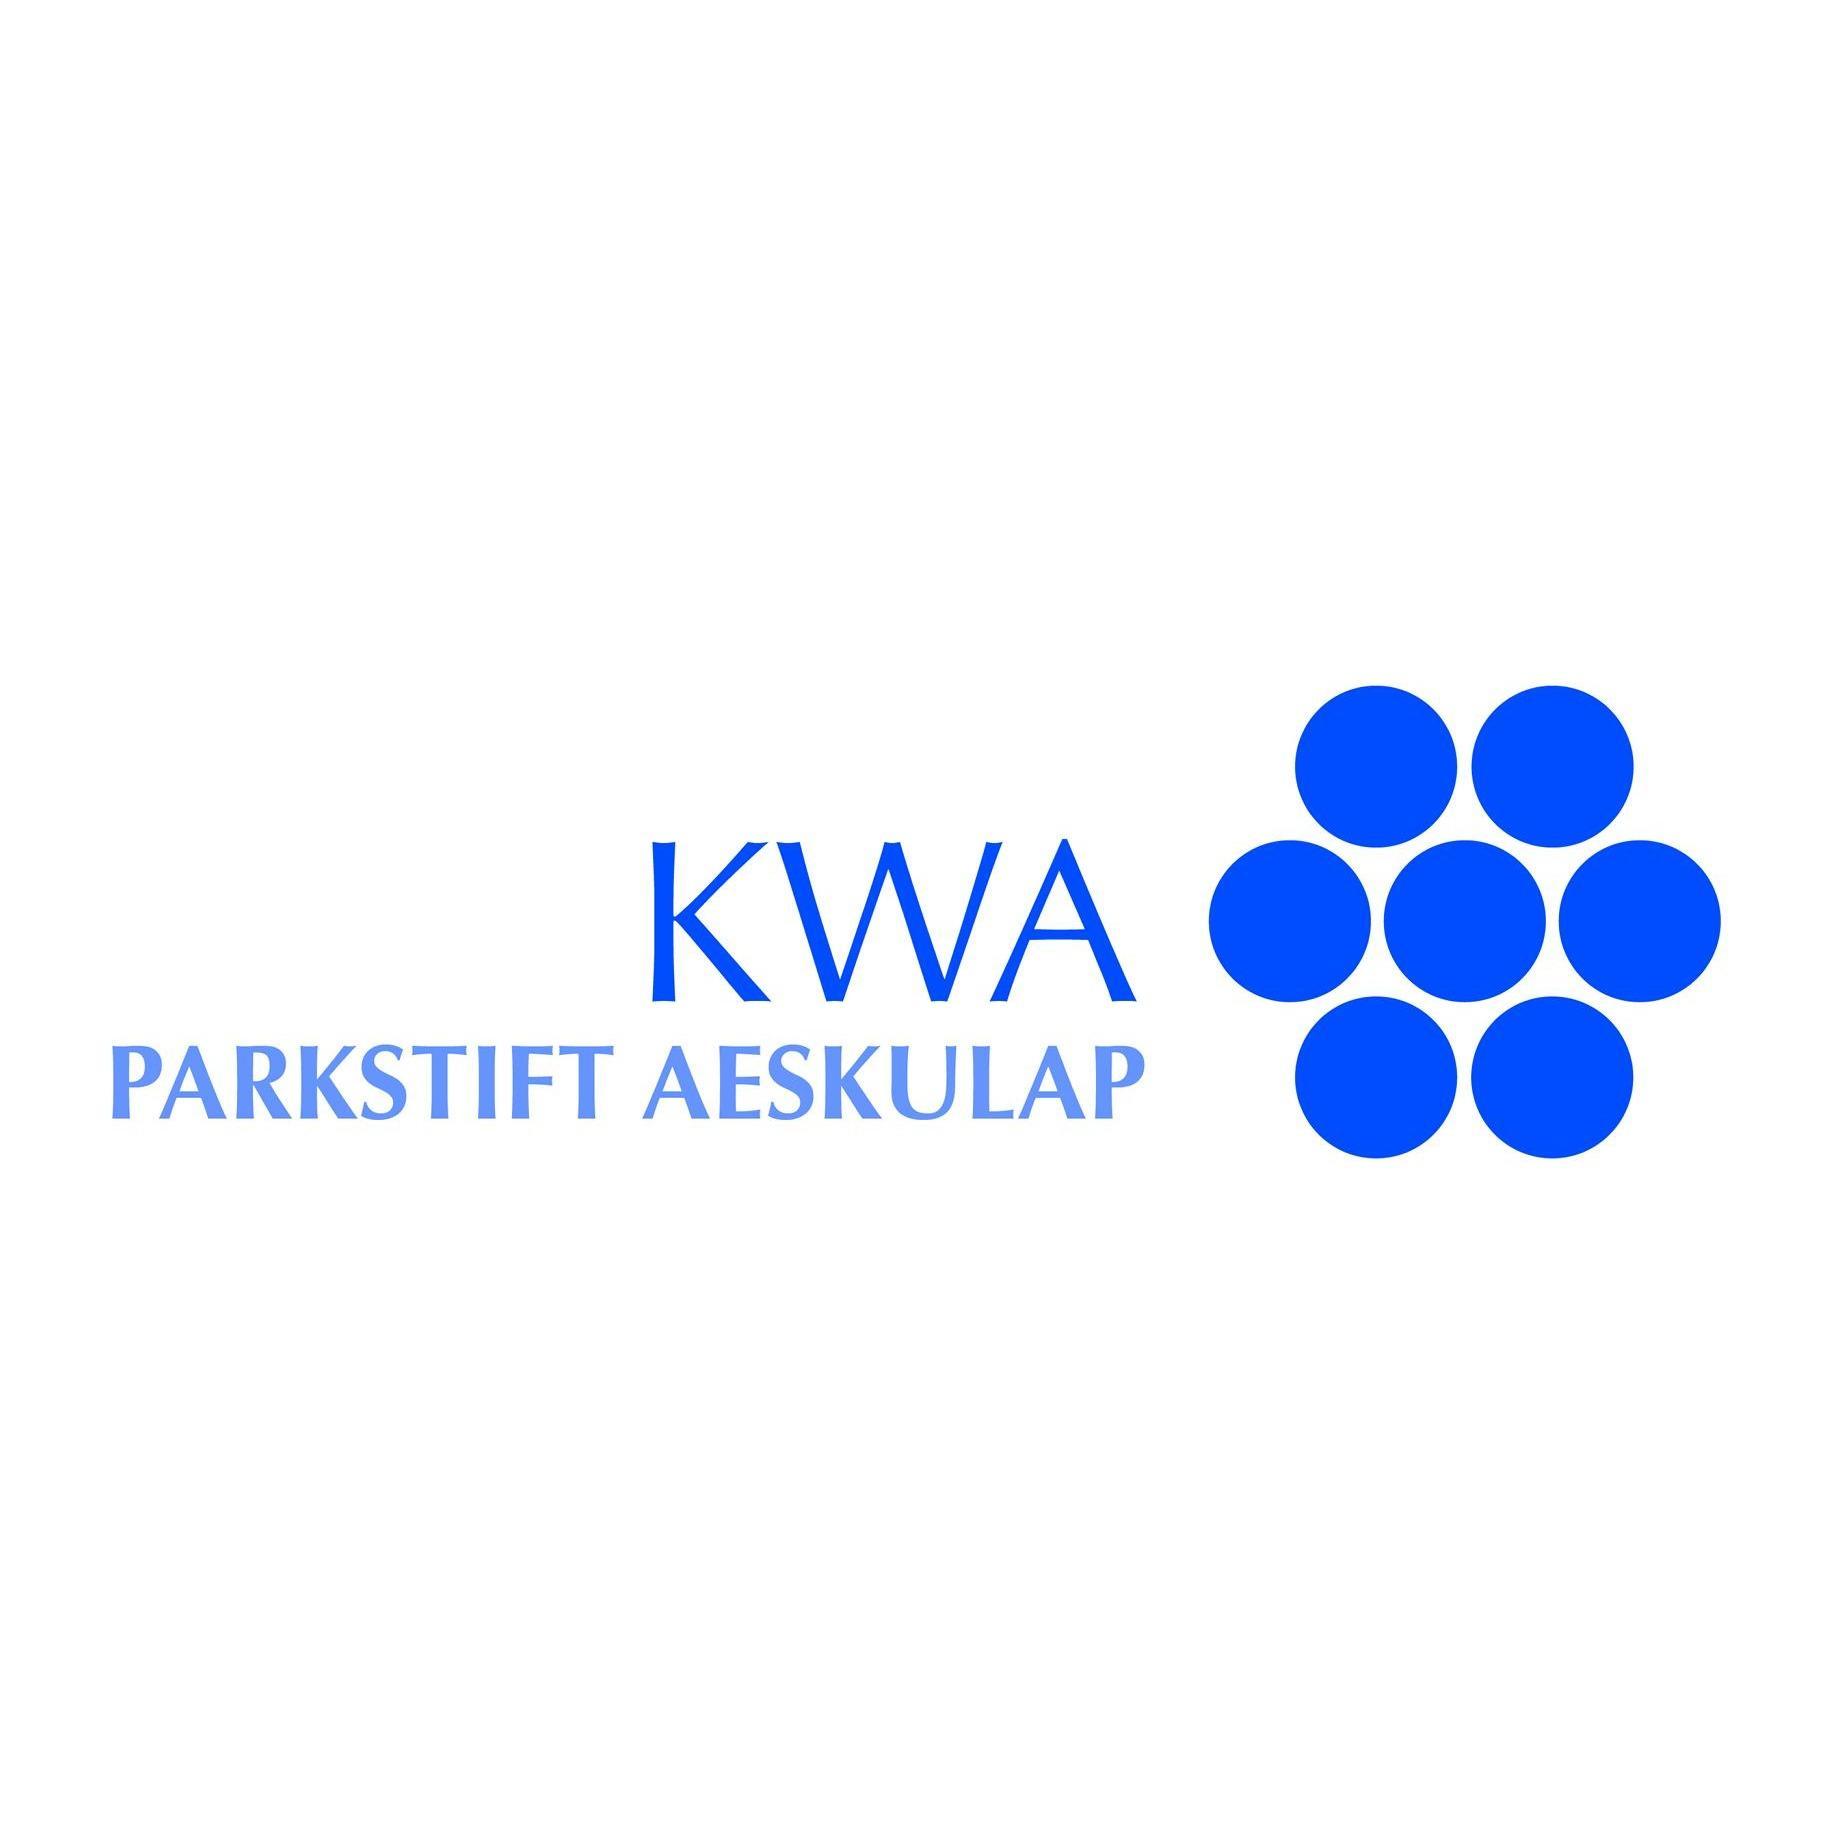 KWA Parkstift Aeskulap